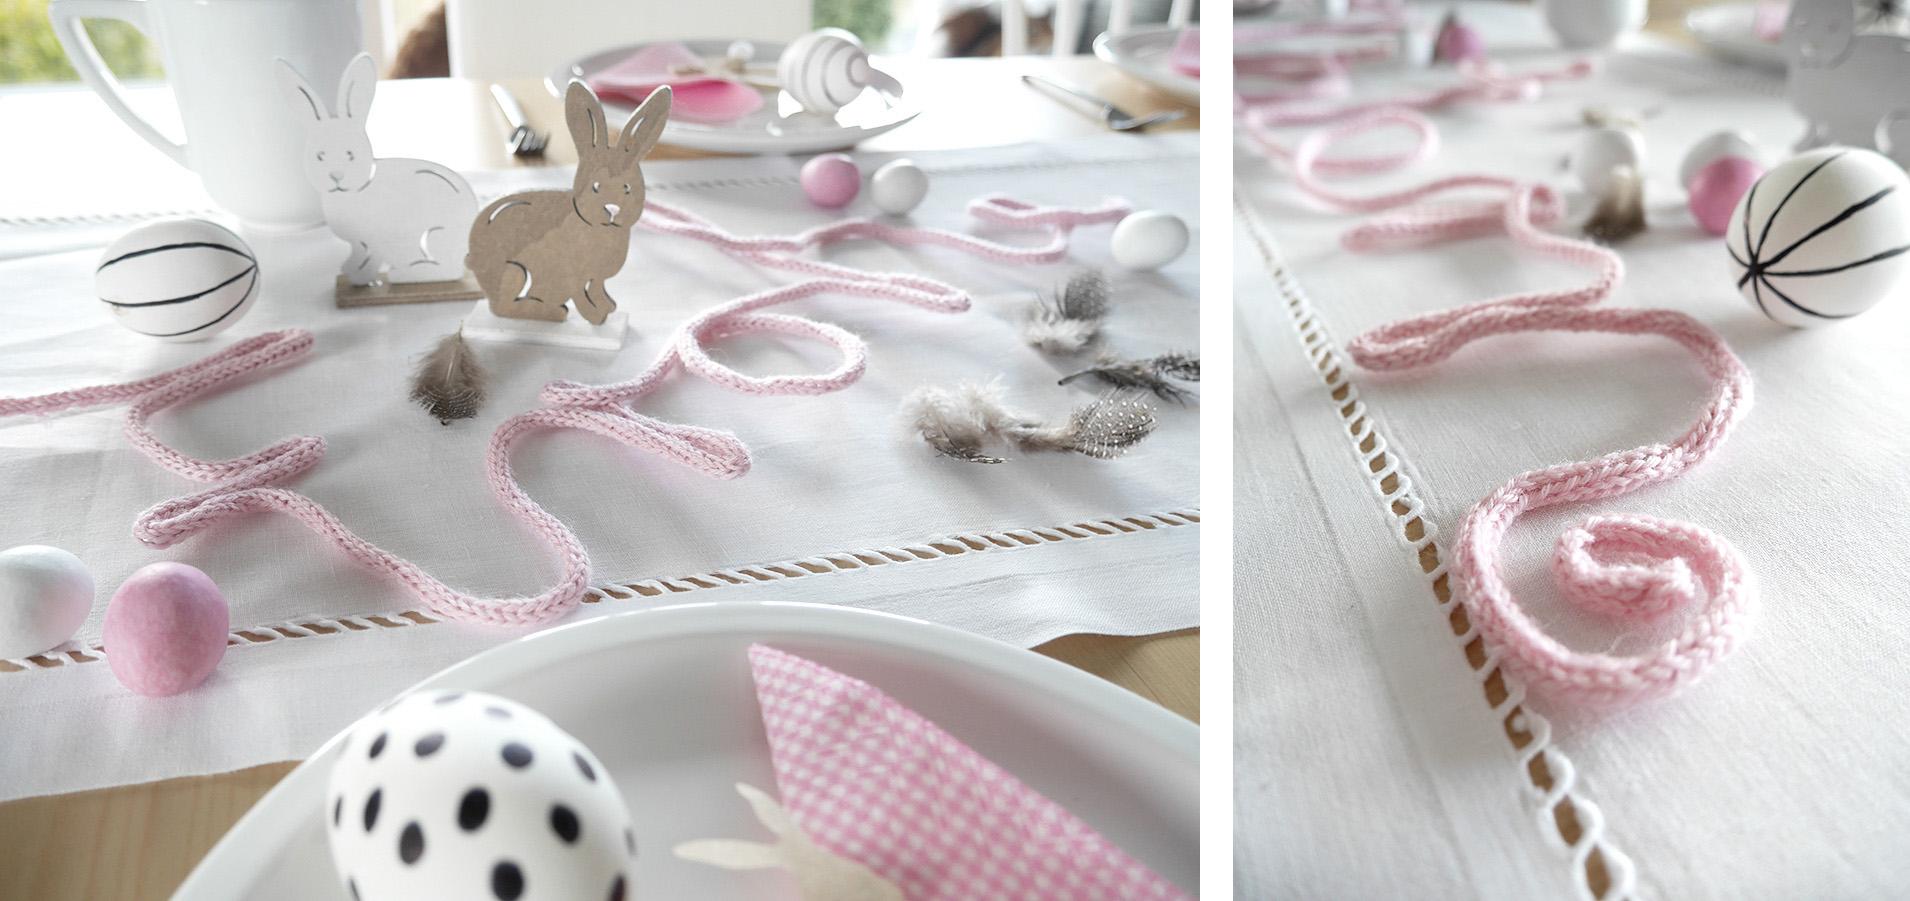 Tischdekoration zu Ostern_4